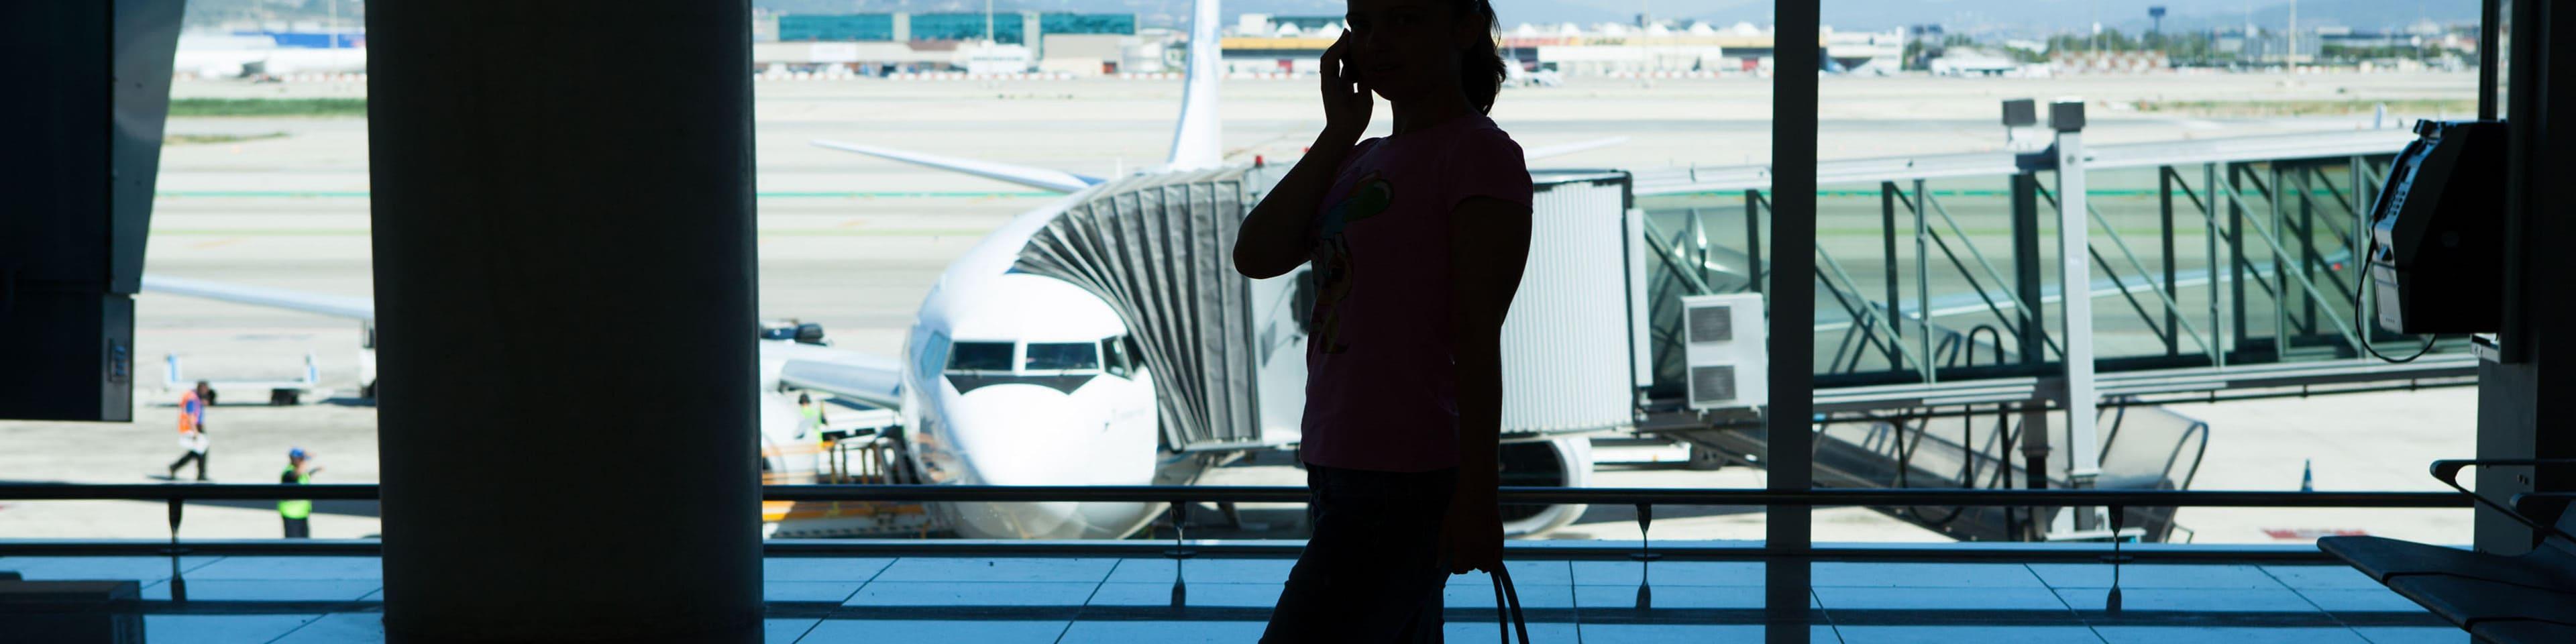 De problematische Belgische invulling van een just culture in de luchtvaart